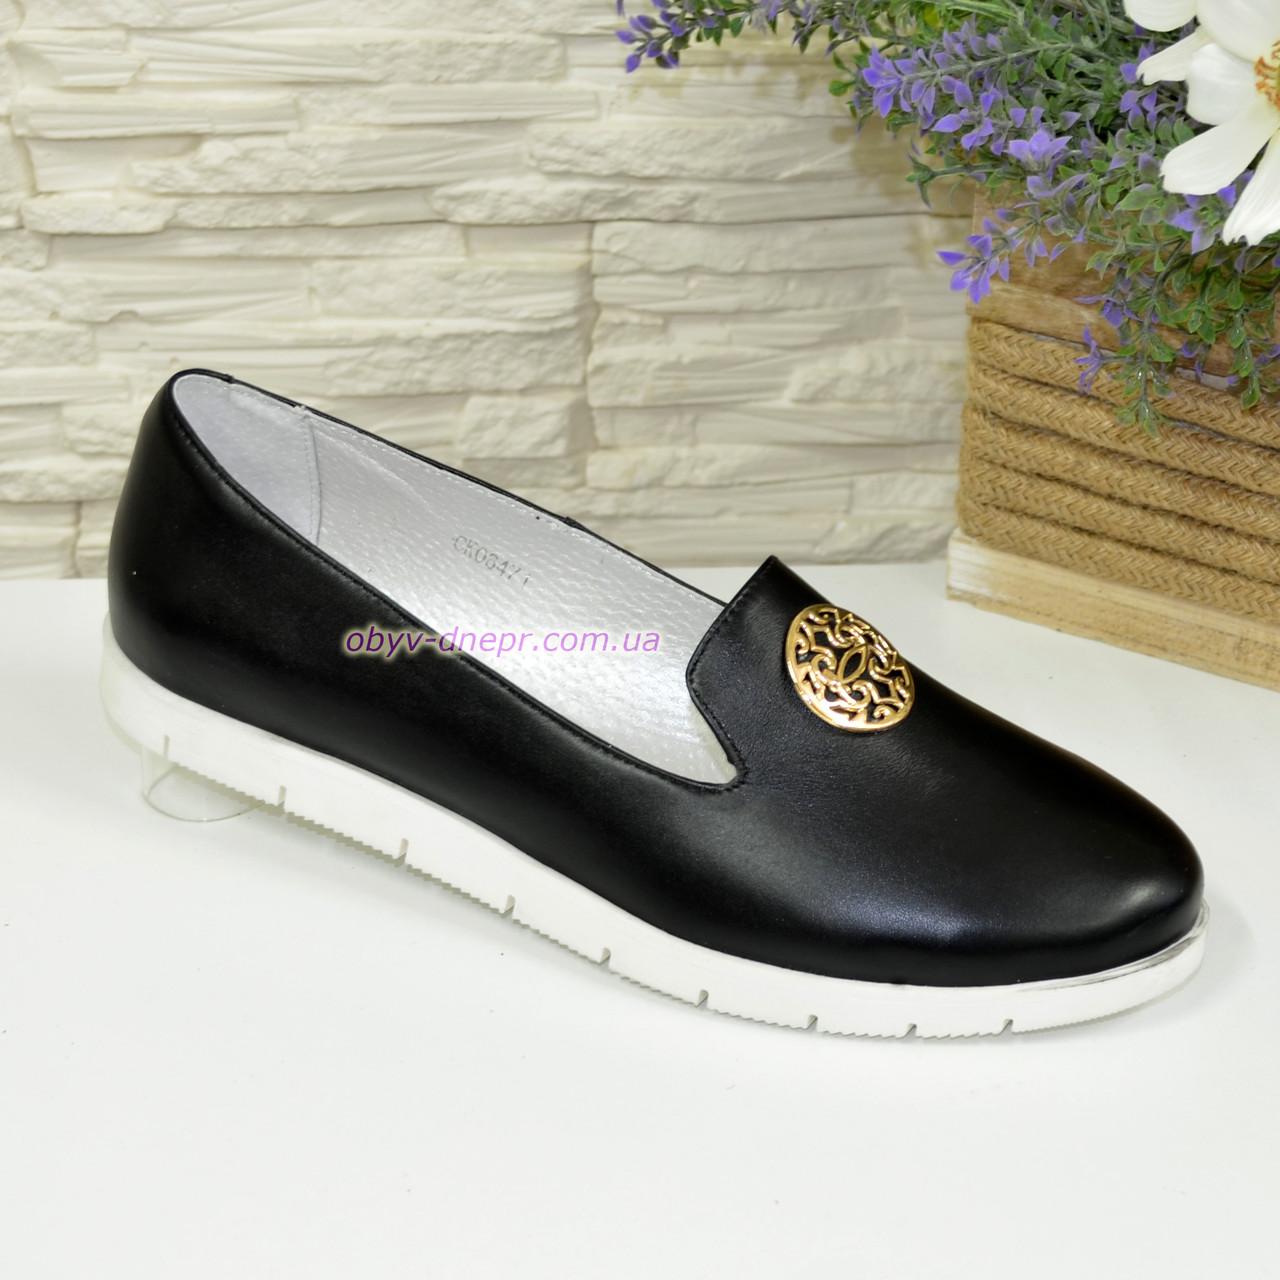 Женские кожаные черные туфли-мокасины на утолщенной белой подошве